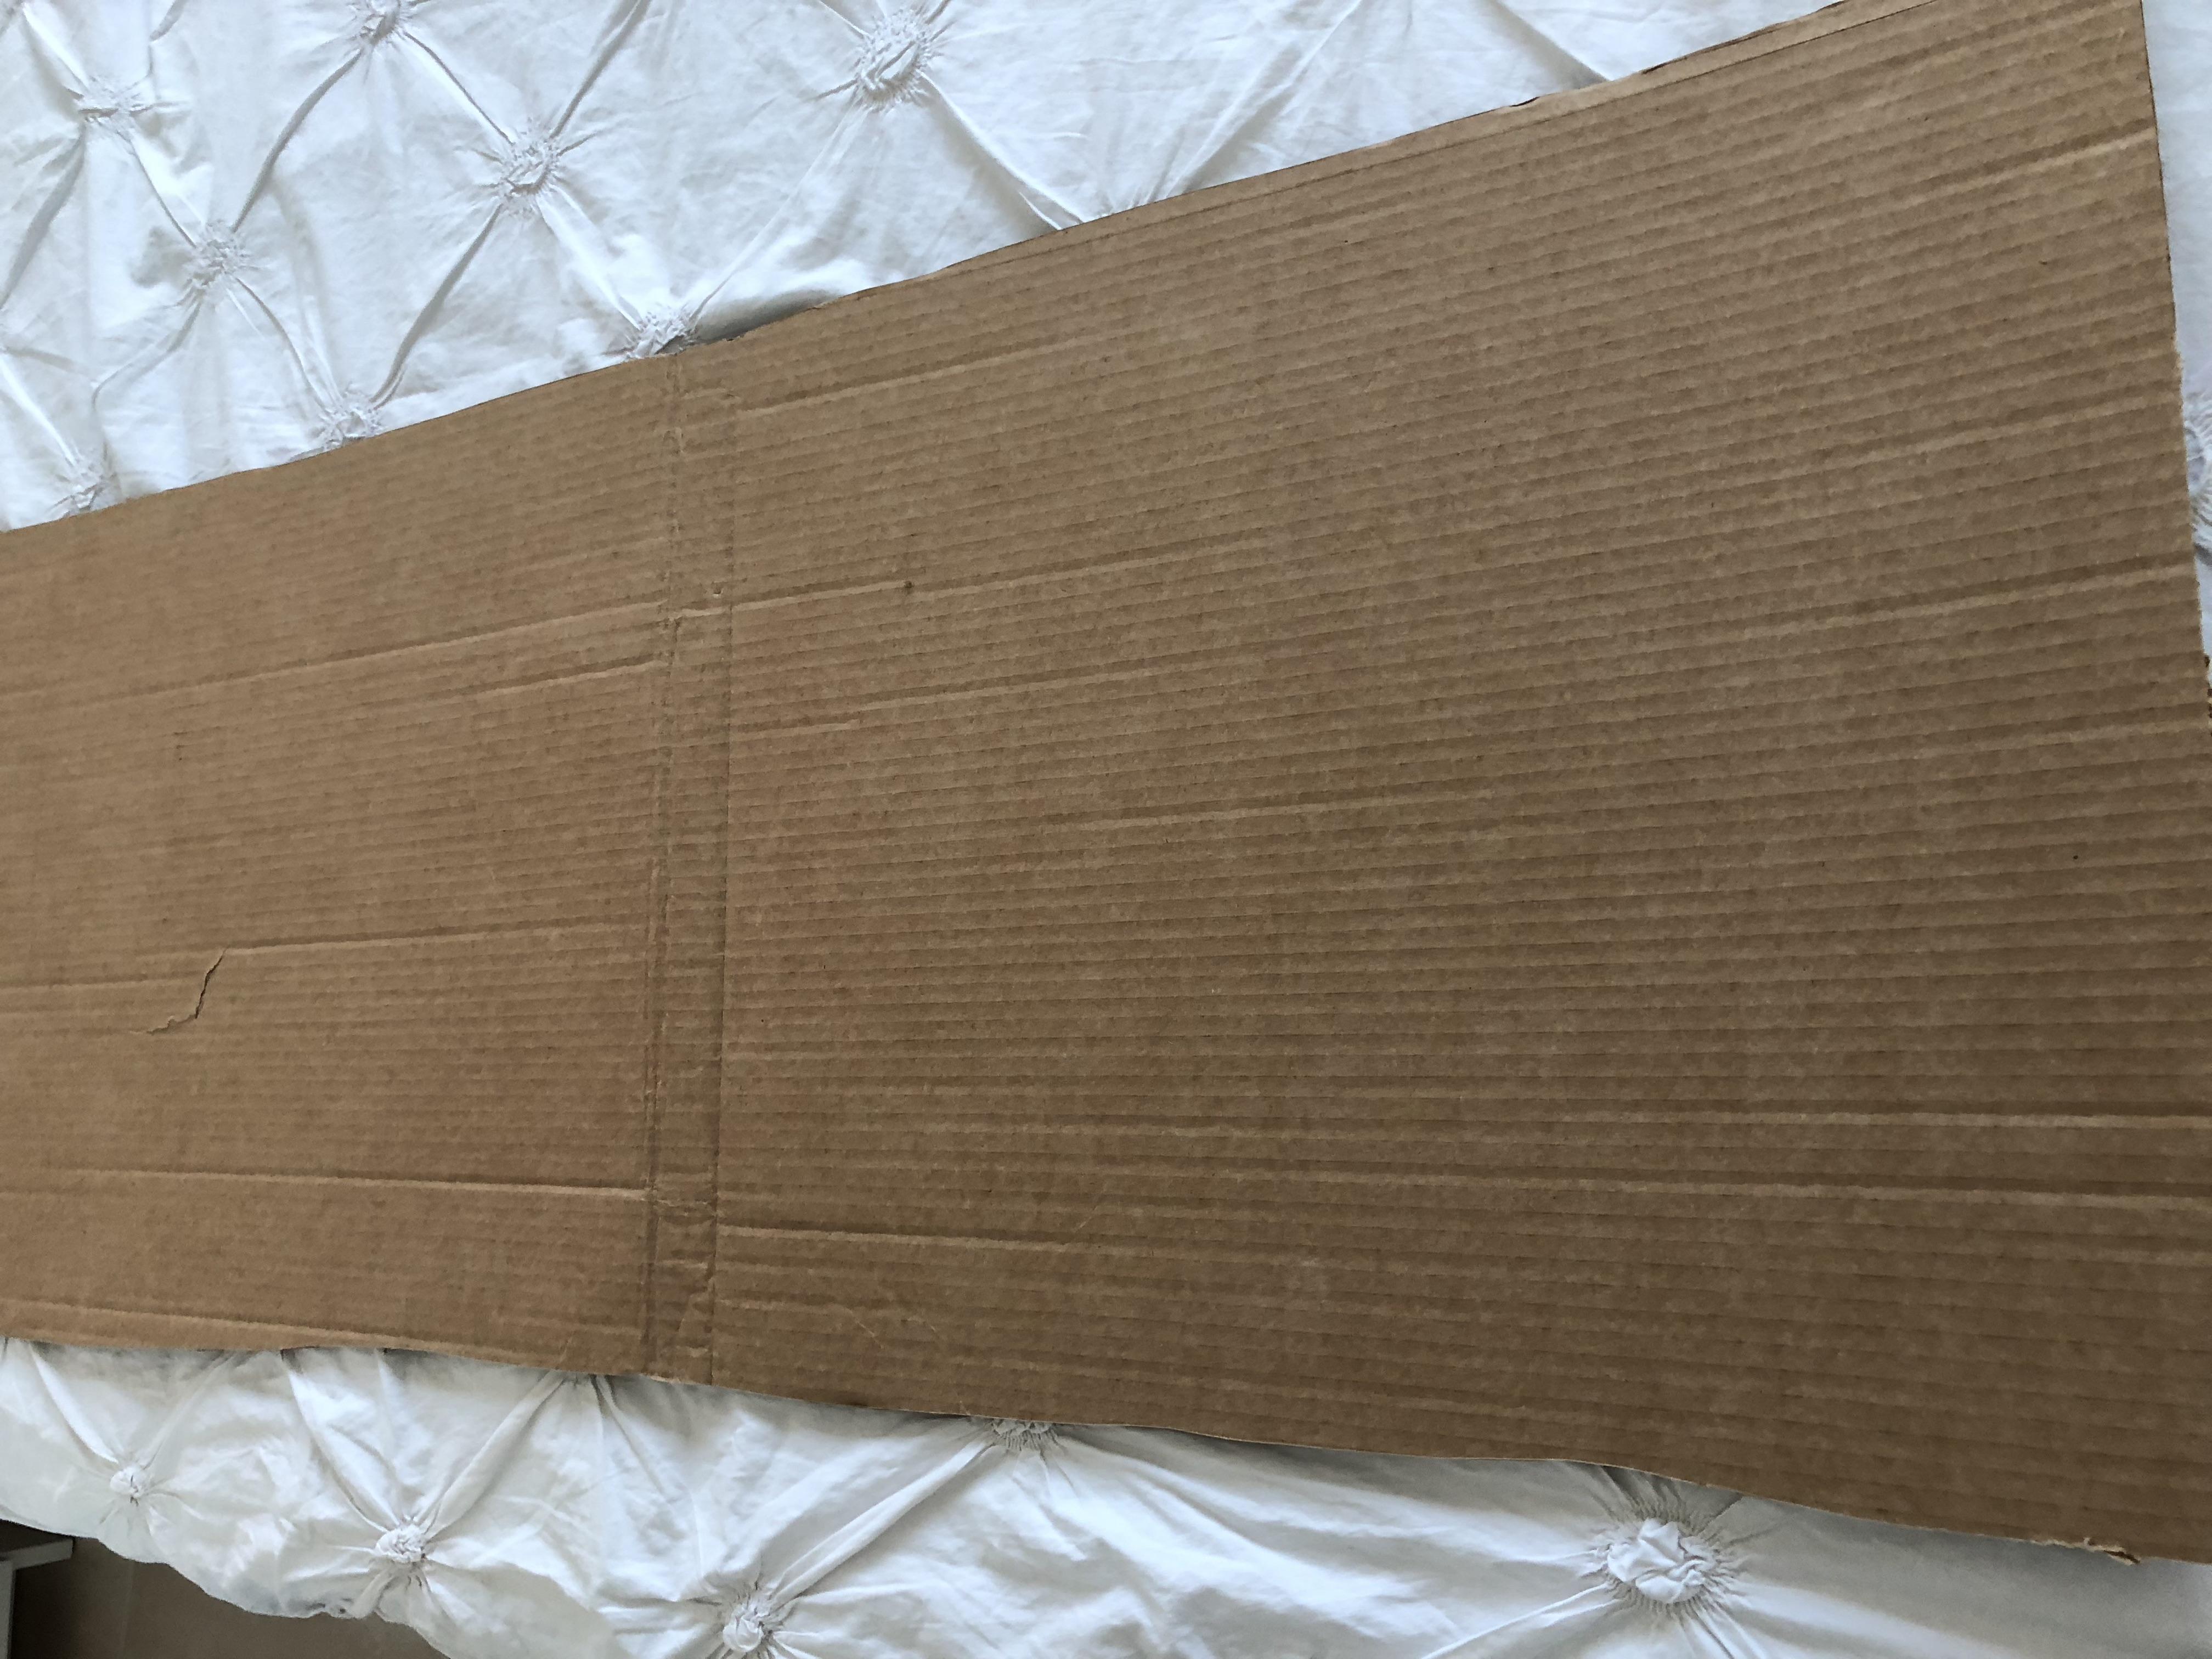 Trozo de carton para manualidades